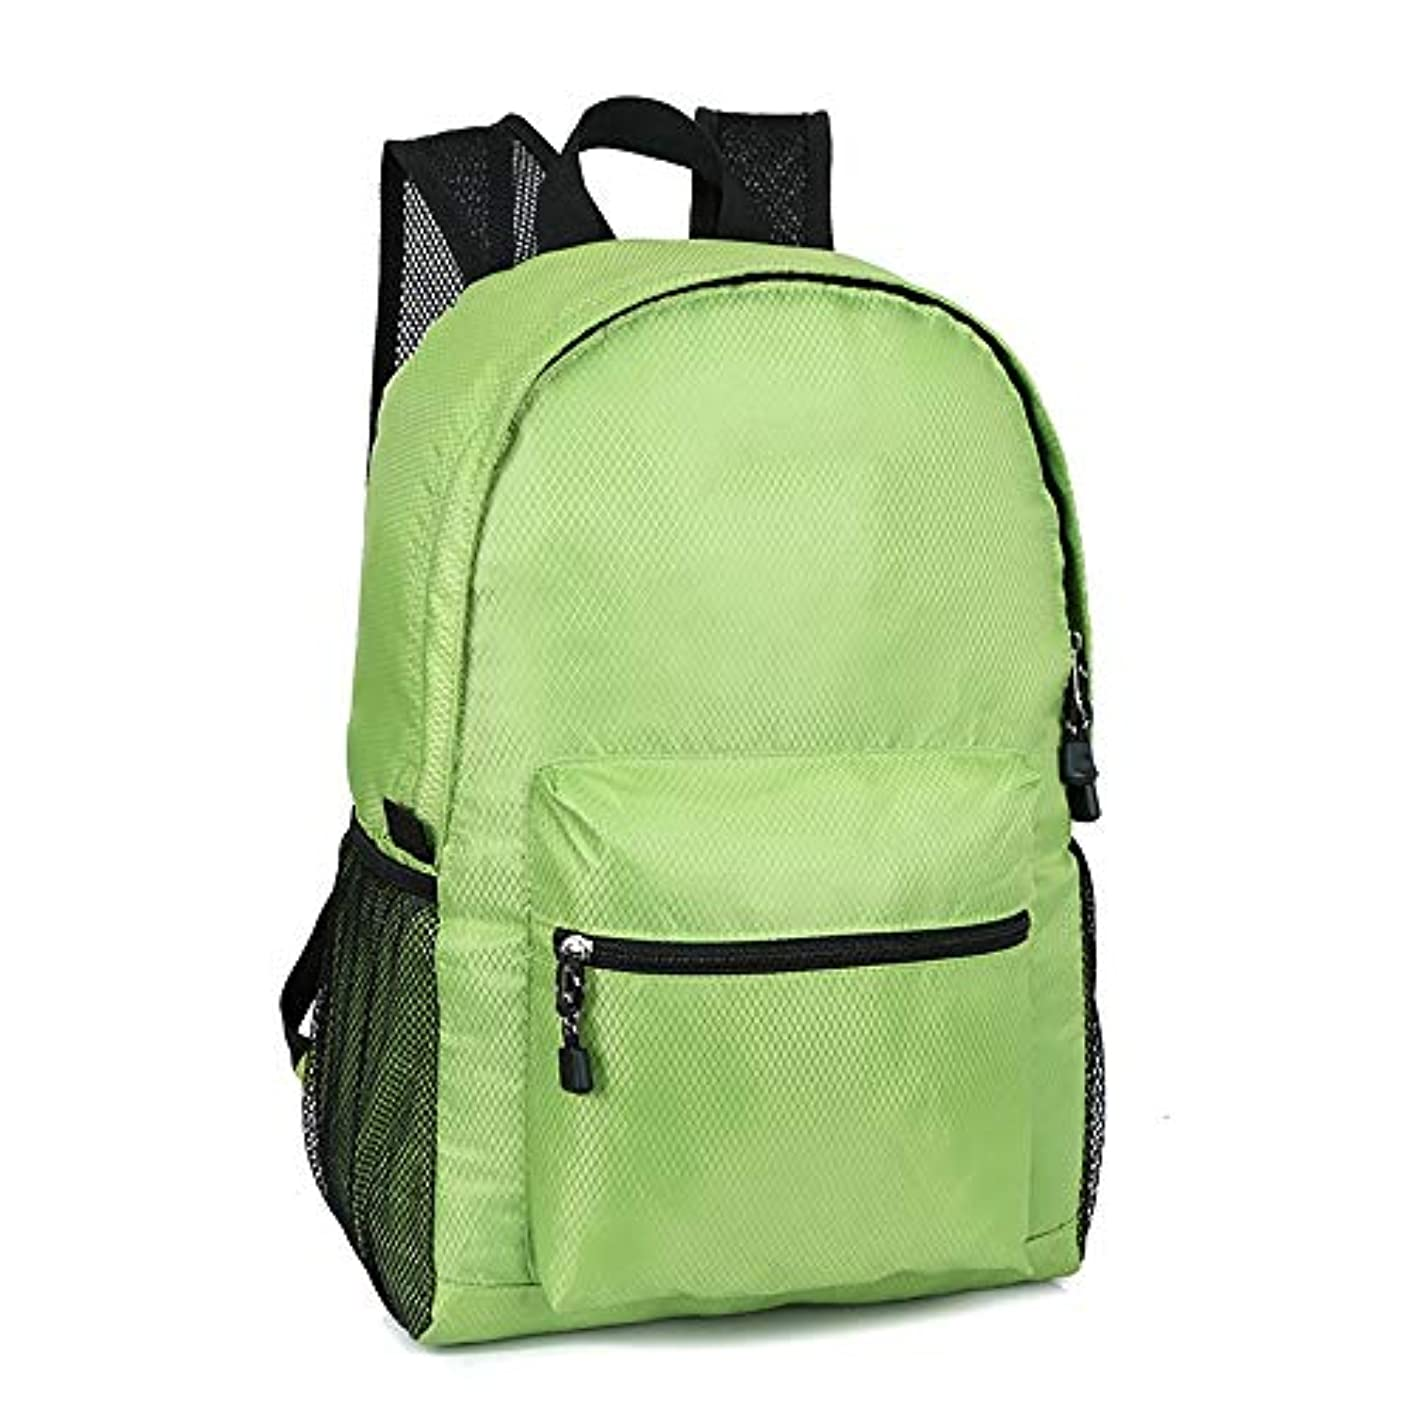 ベックススモッグルームYHDD マルチカラーバックパック超軽量折りたたみバッグスキンバッグアウトドアハイキングカジュアルバックパック (色 : 緑)